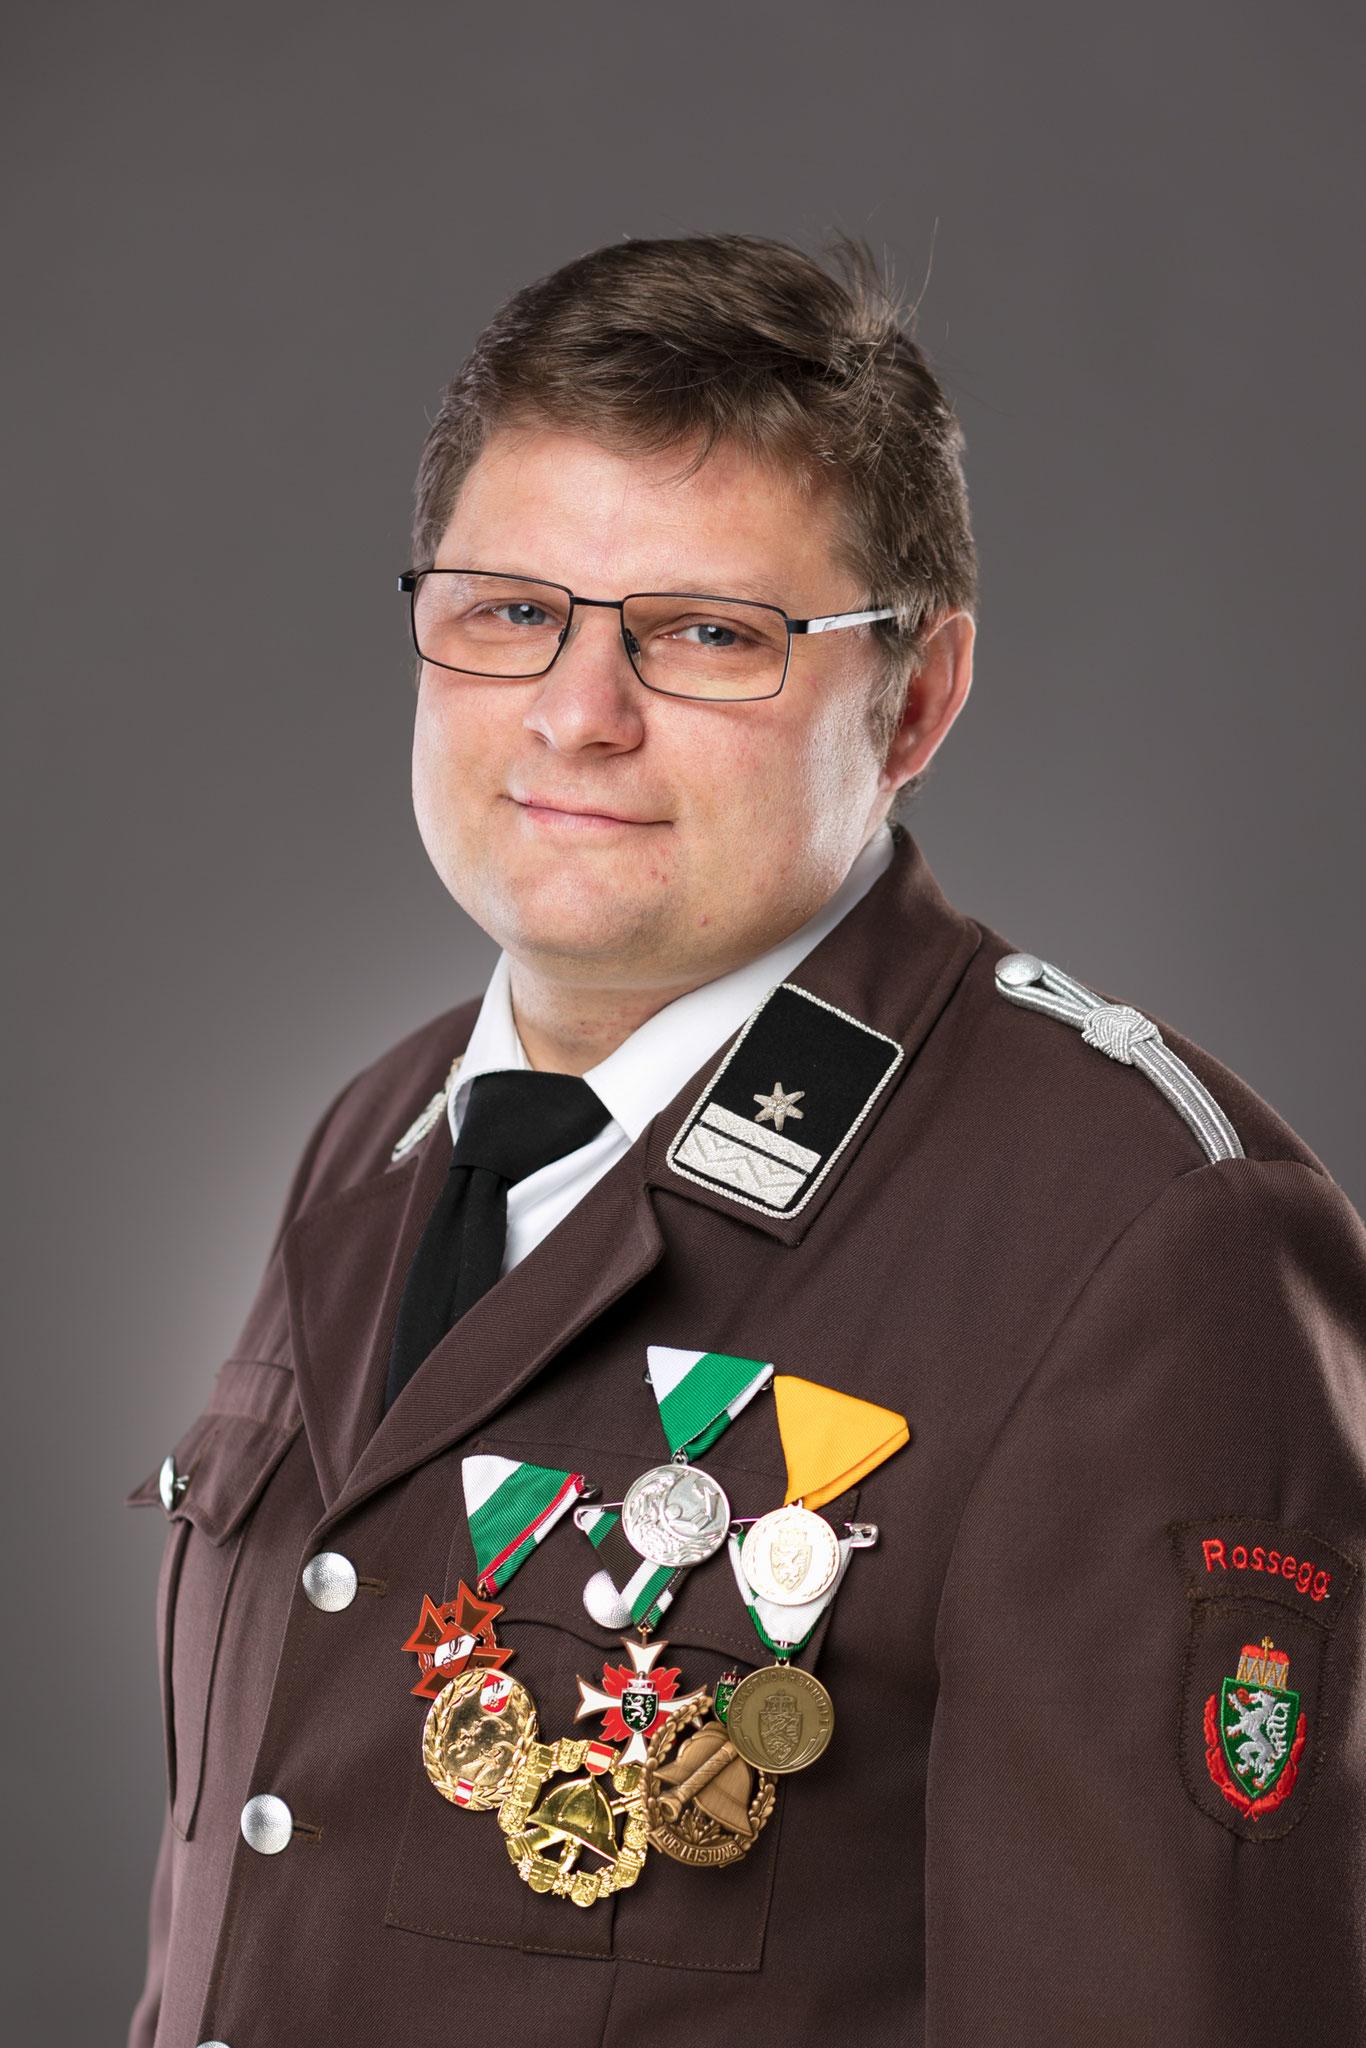 Zugskommandant 1. Zug BM d.S. OFNER Friedrich